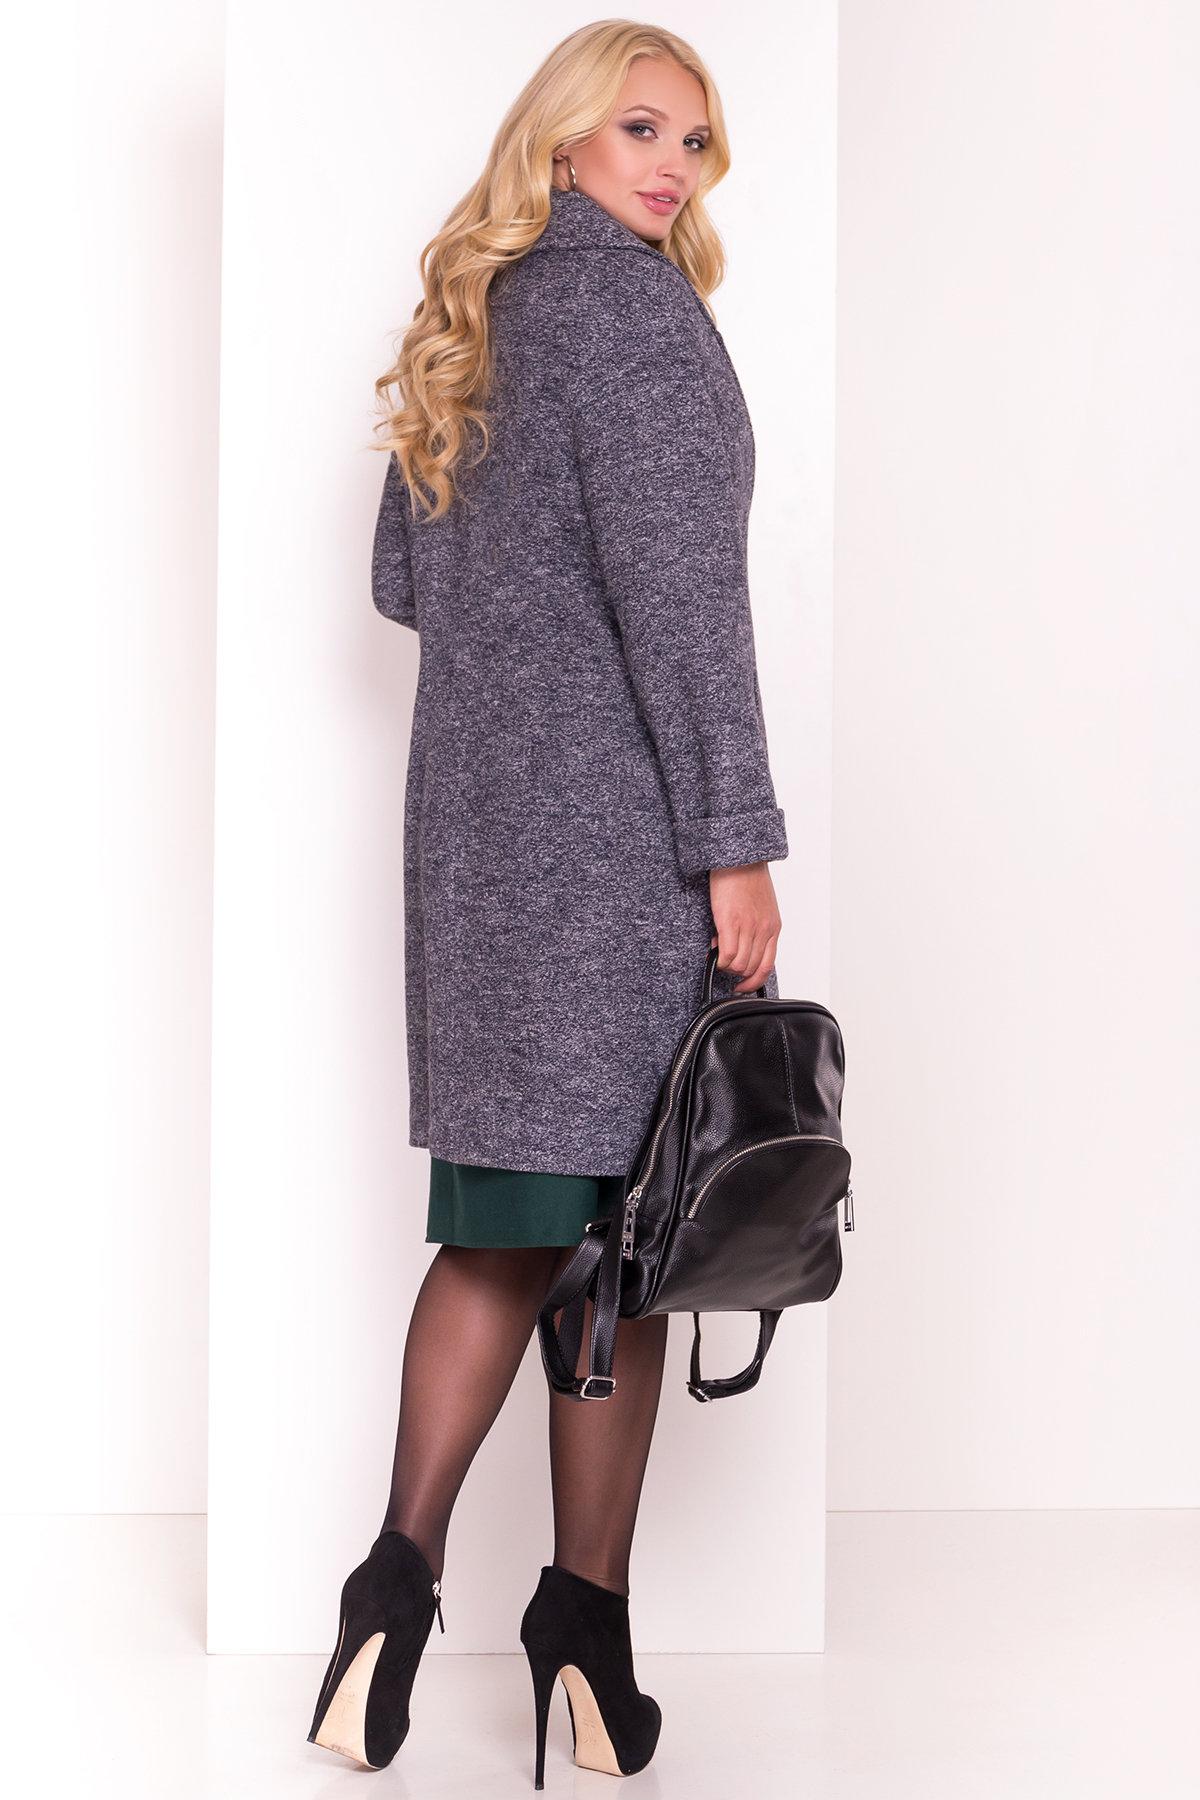 Пальто Арсина Donna 4451 АРТ. 21631 Цвет: Серый темный LW-22 - фото 4, интернет магазин tm-modus.ru